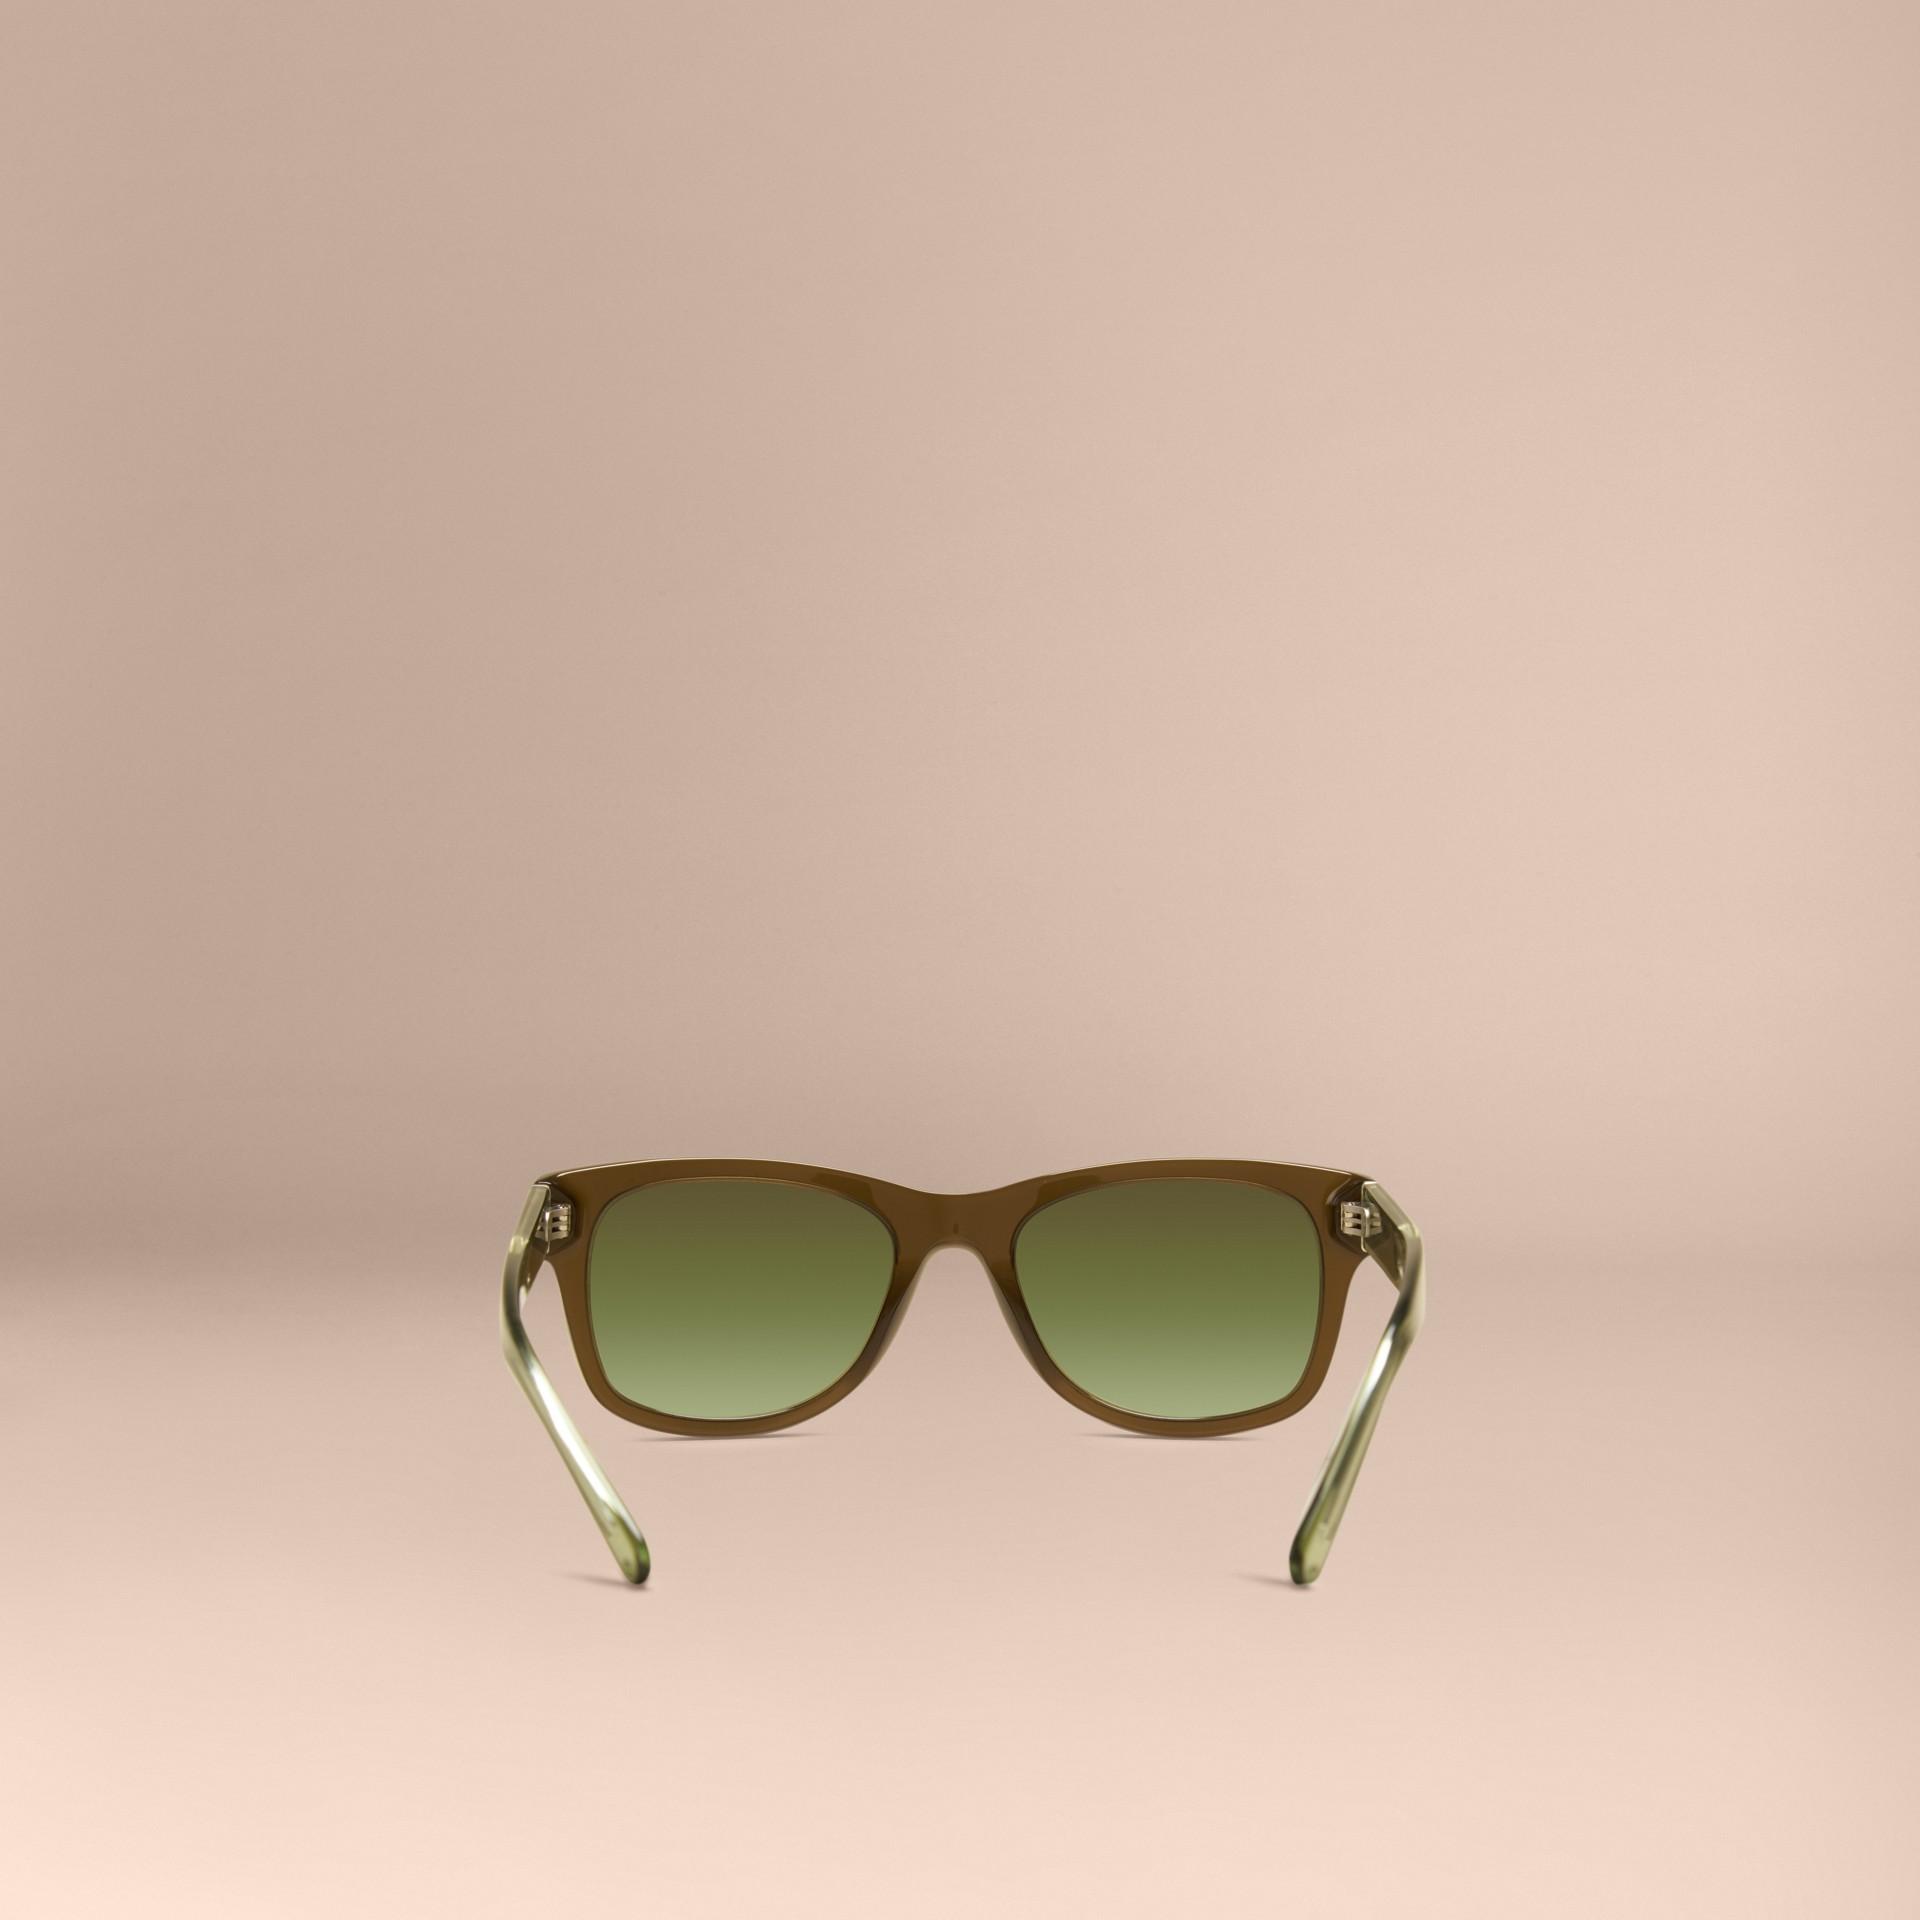 Оливковый Квадратные солнцезащитные очки с тиснением в клетку - изображение 4